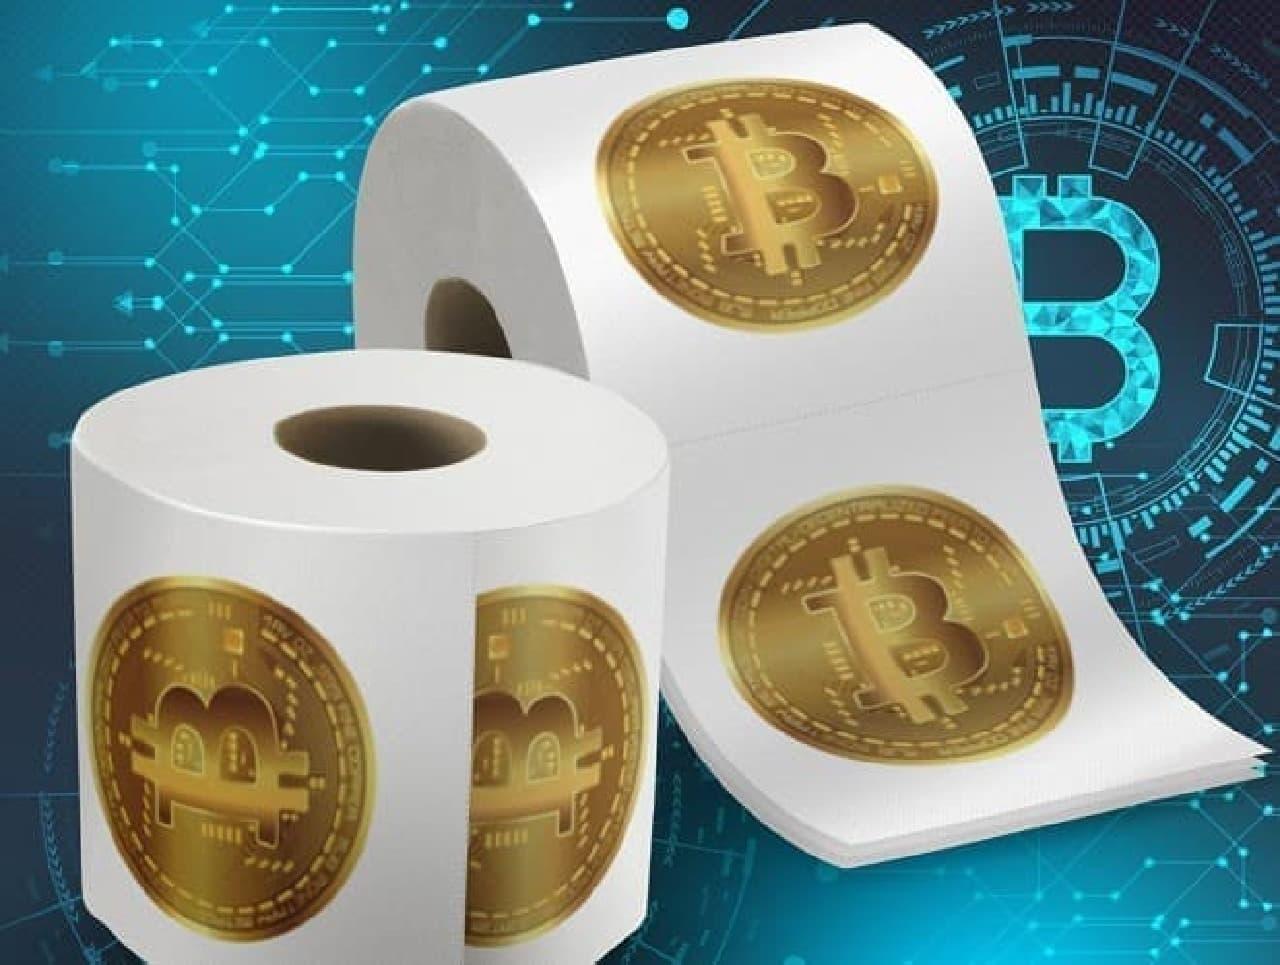 ビットコインのイメージ画像がプリントされたトイレットペーパー「Bitcoin Toilet Paper Roll」